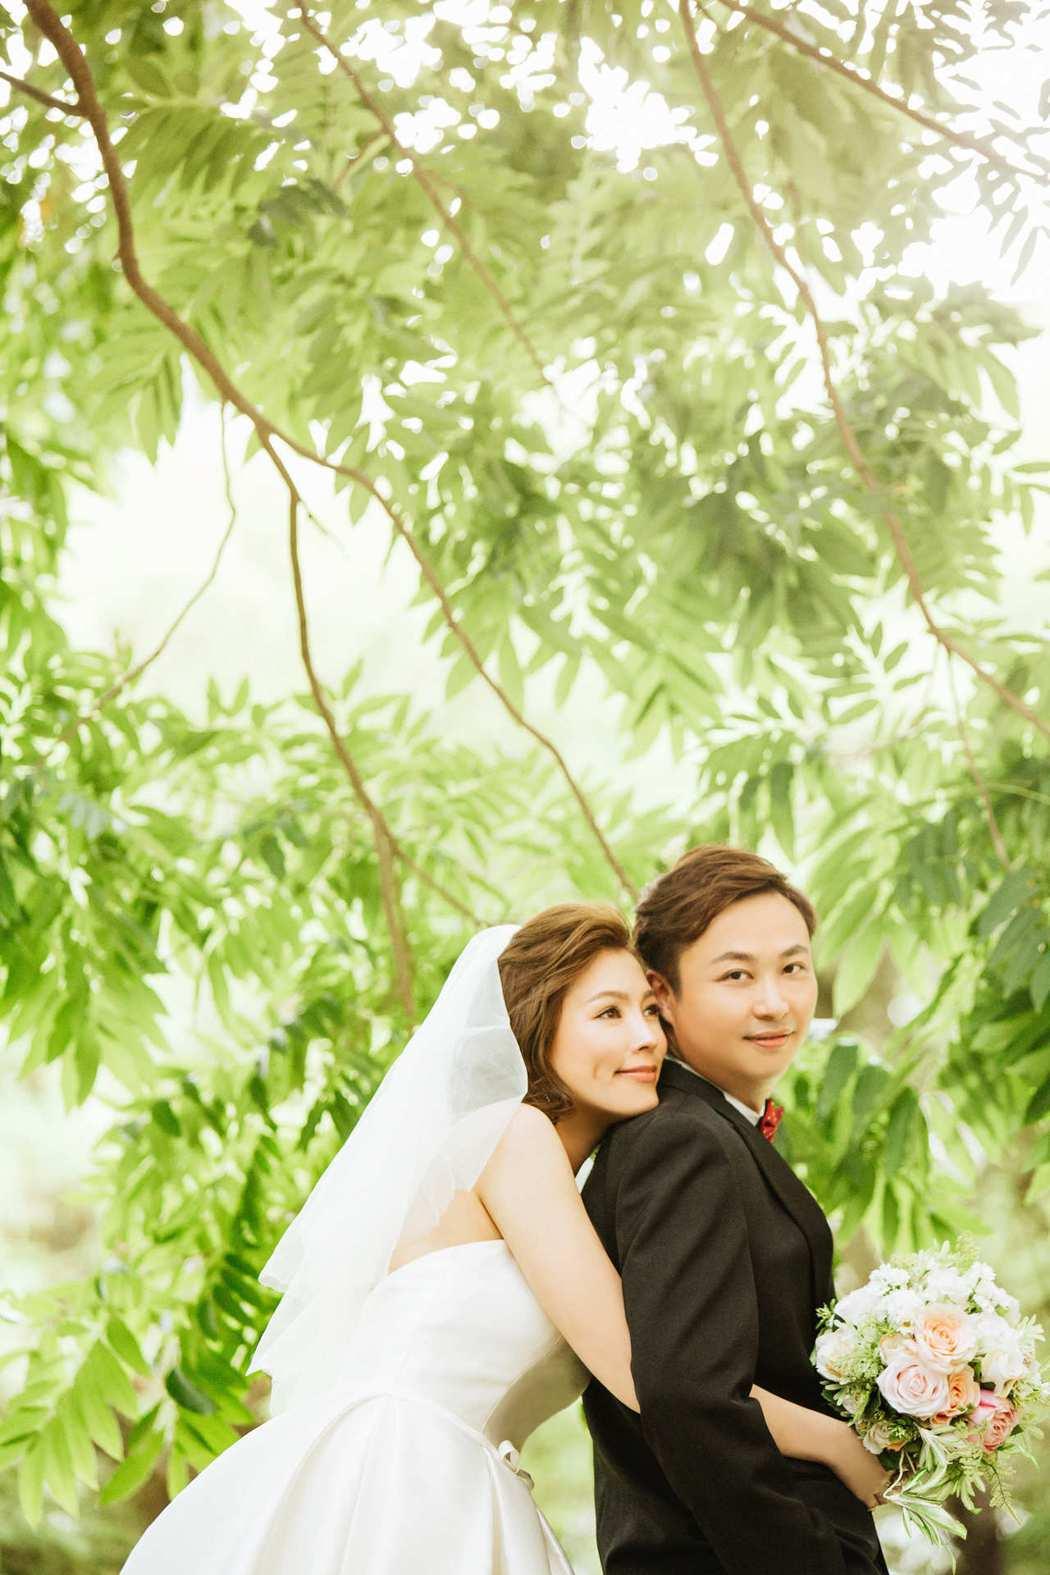 葉映彤公開幸福婚紗照。圖/林莉提供